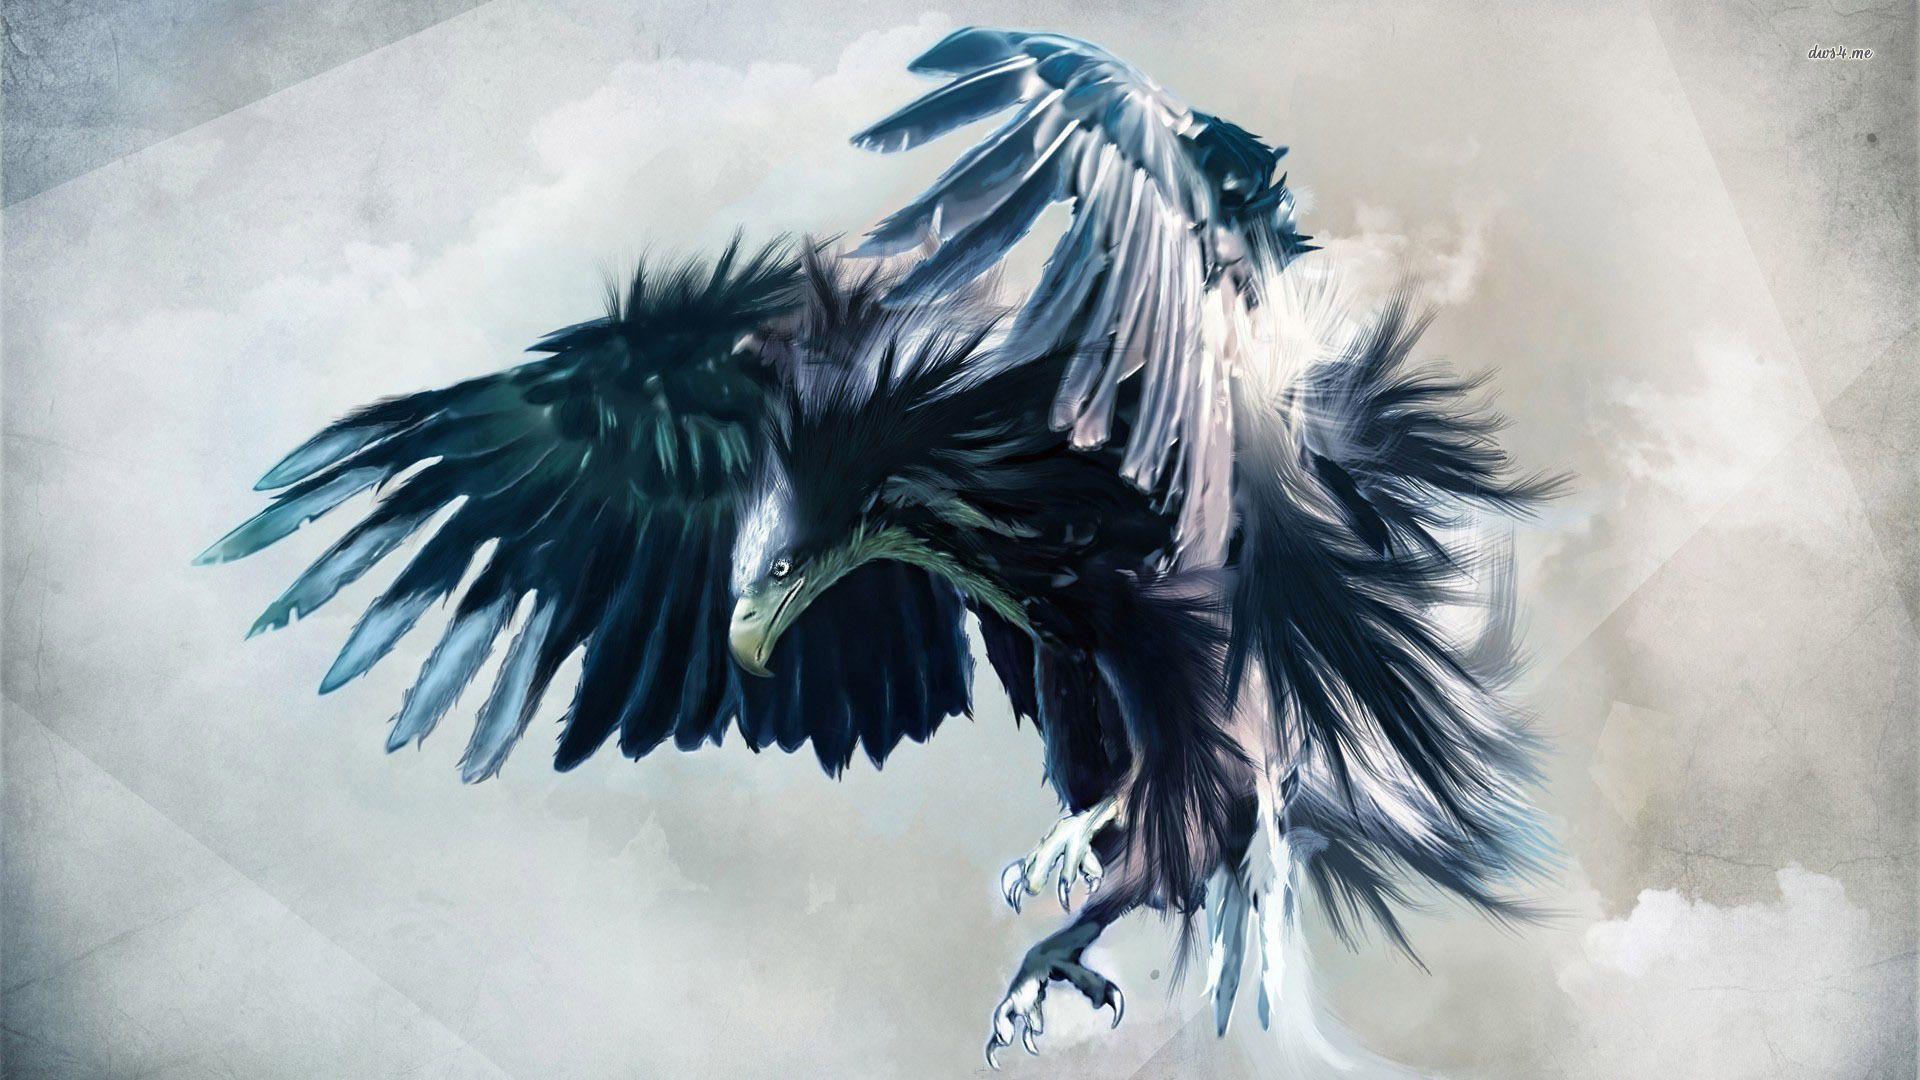 Bald Eagle Wallpaper Images Of X Eagle Wallpaper X X More Wallpaper